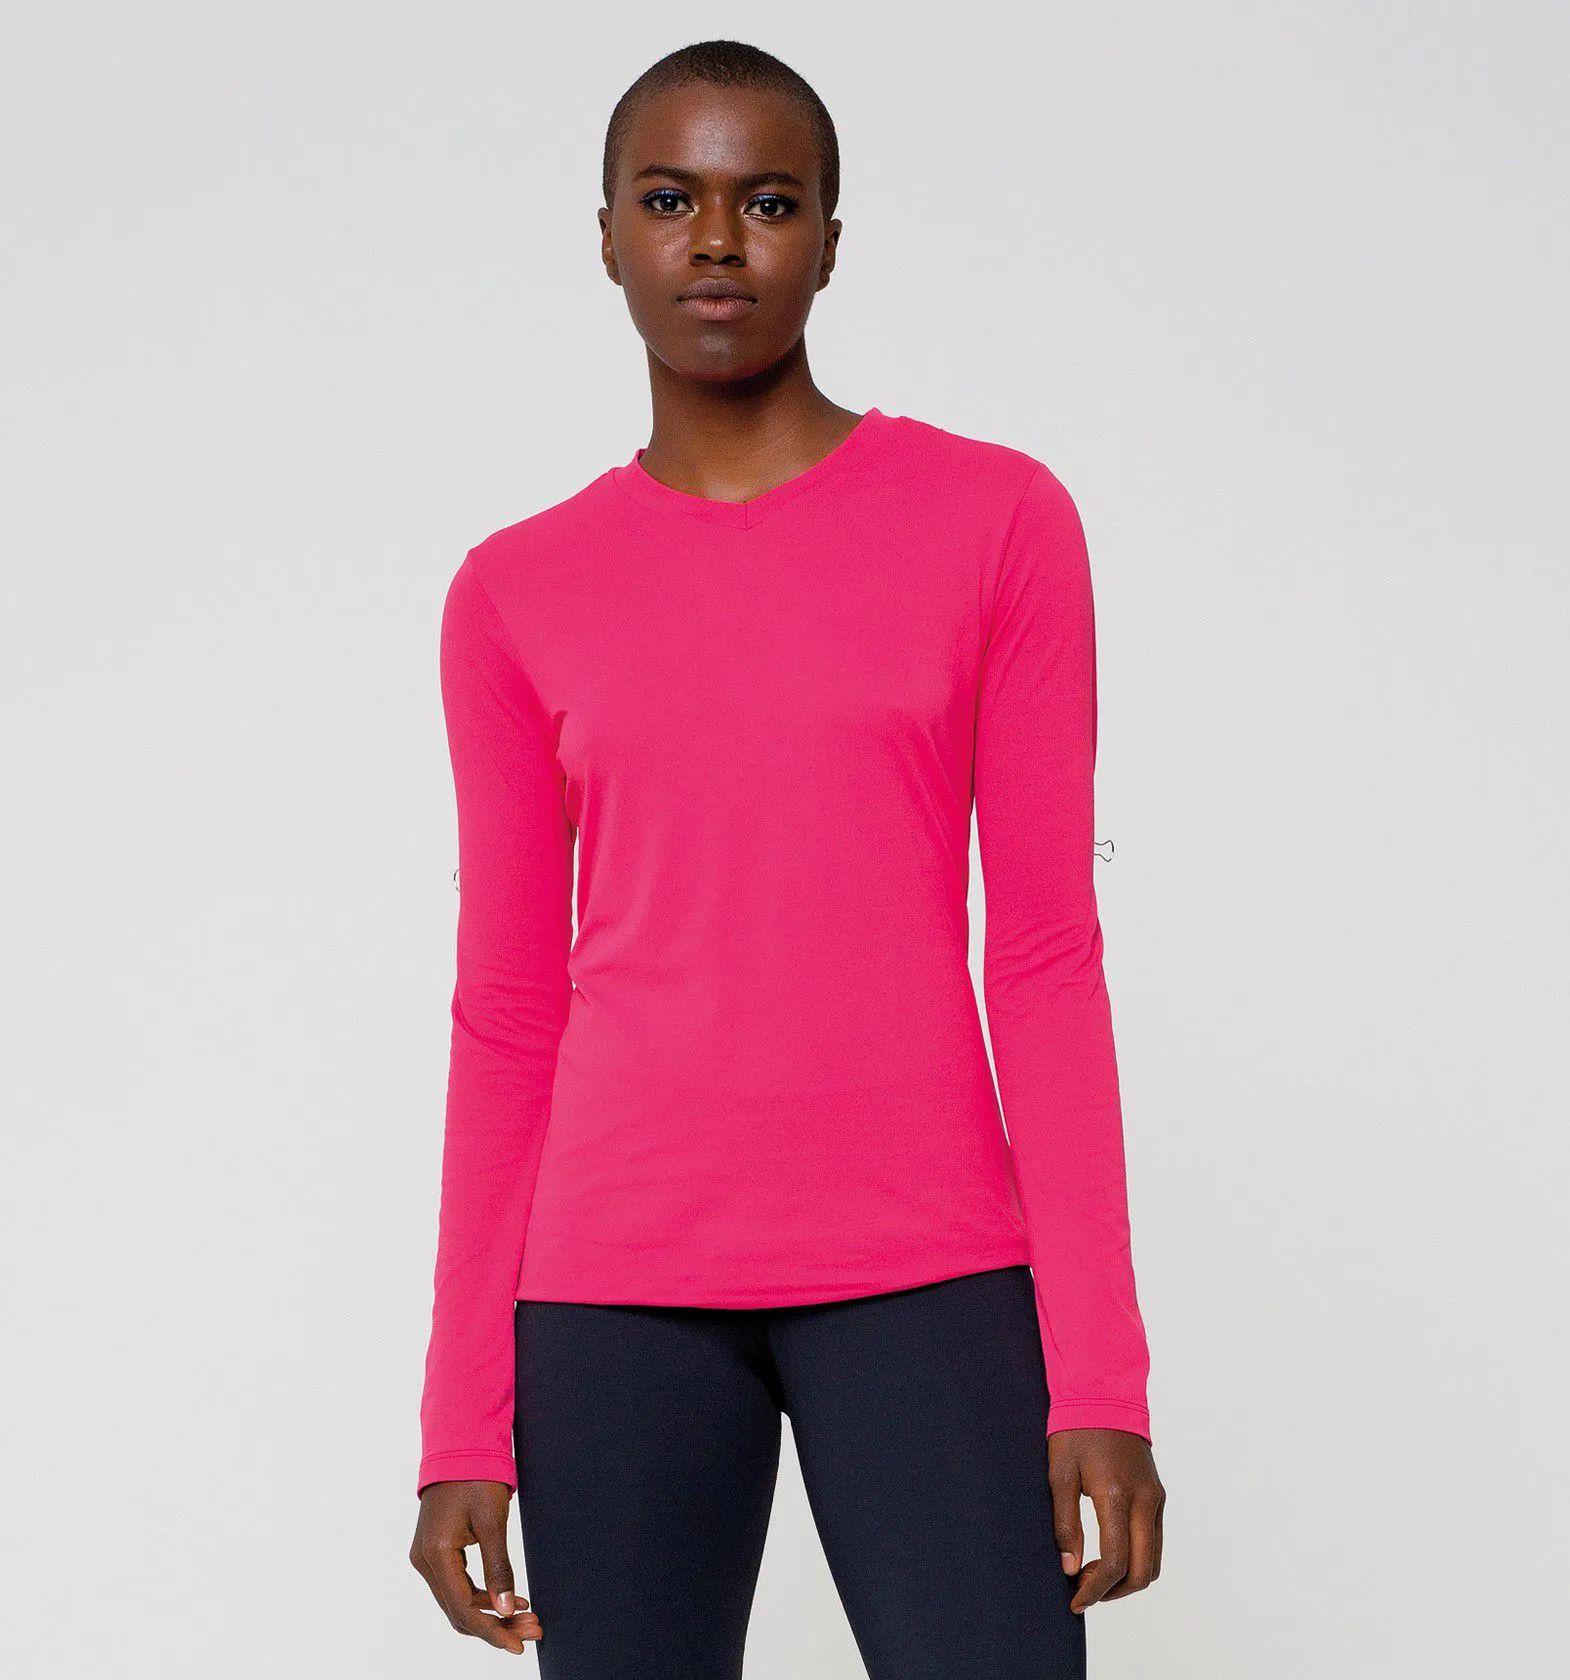 UV LINE Camiseta Sport Fit Manga Longa Feminino Cereja Proteção Solar